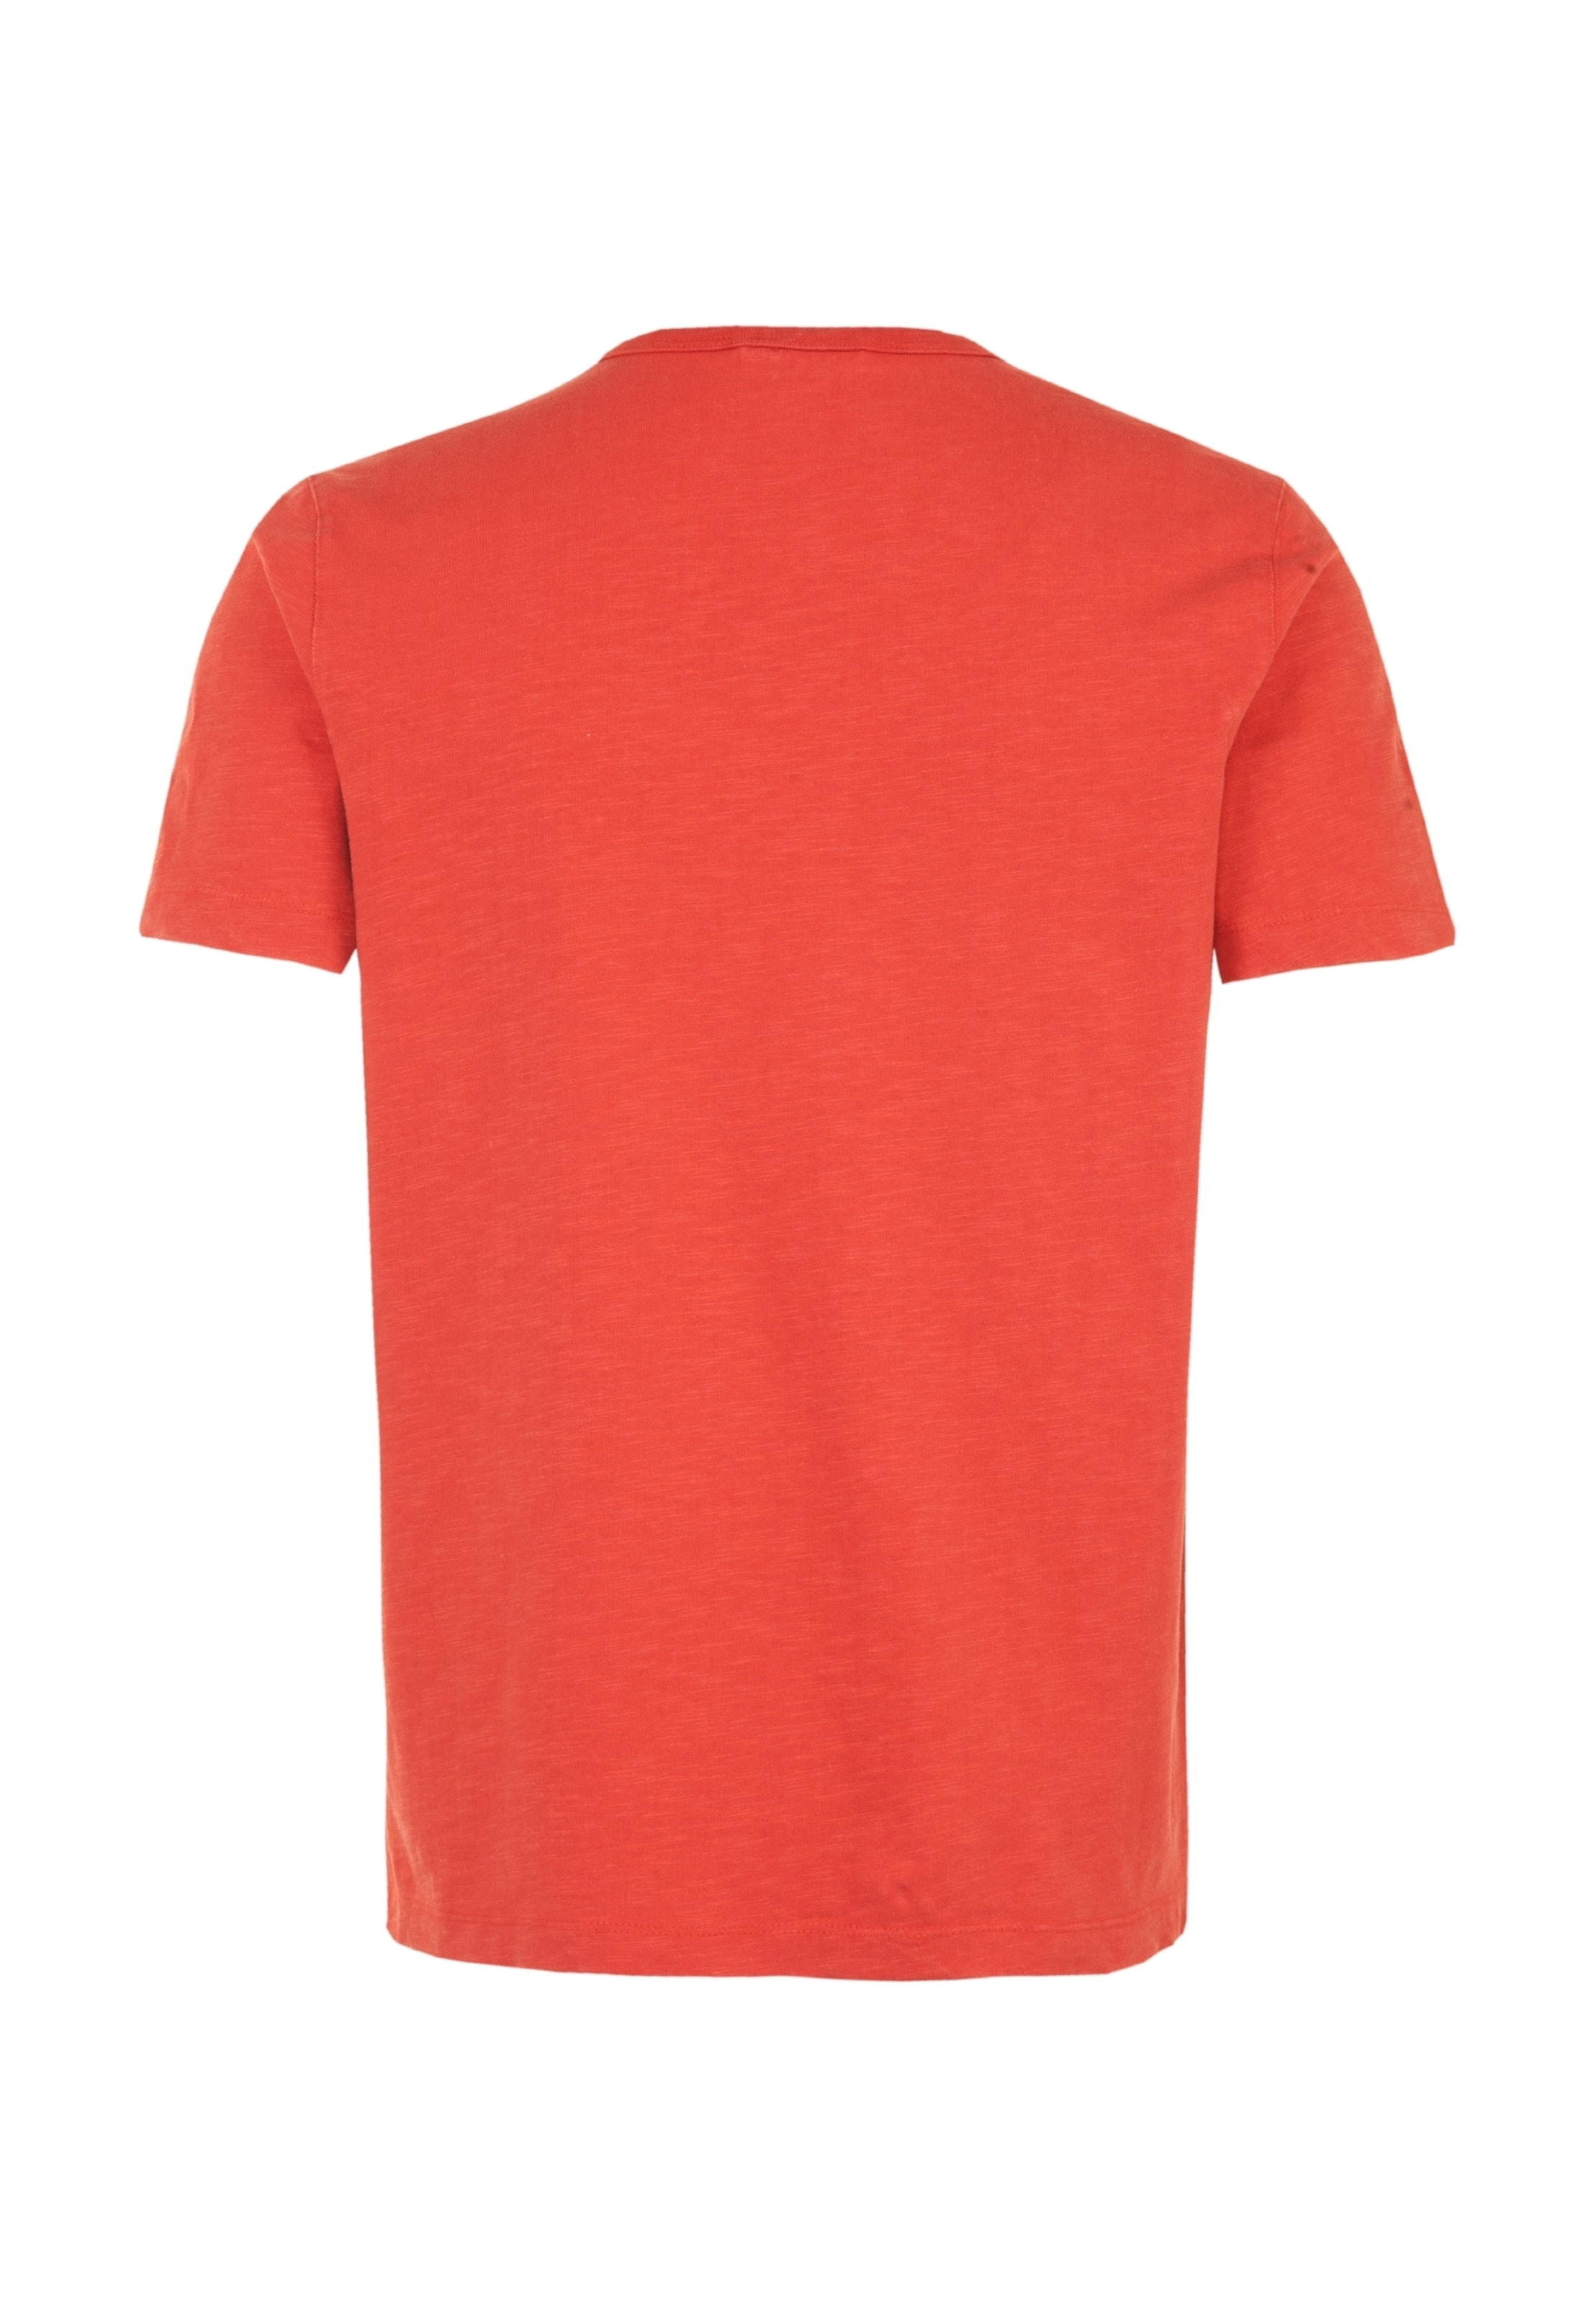 T Rouge Orangé Camel shirt En Active dshoQrCxtB